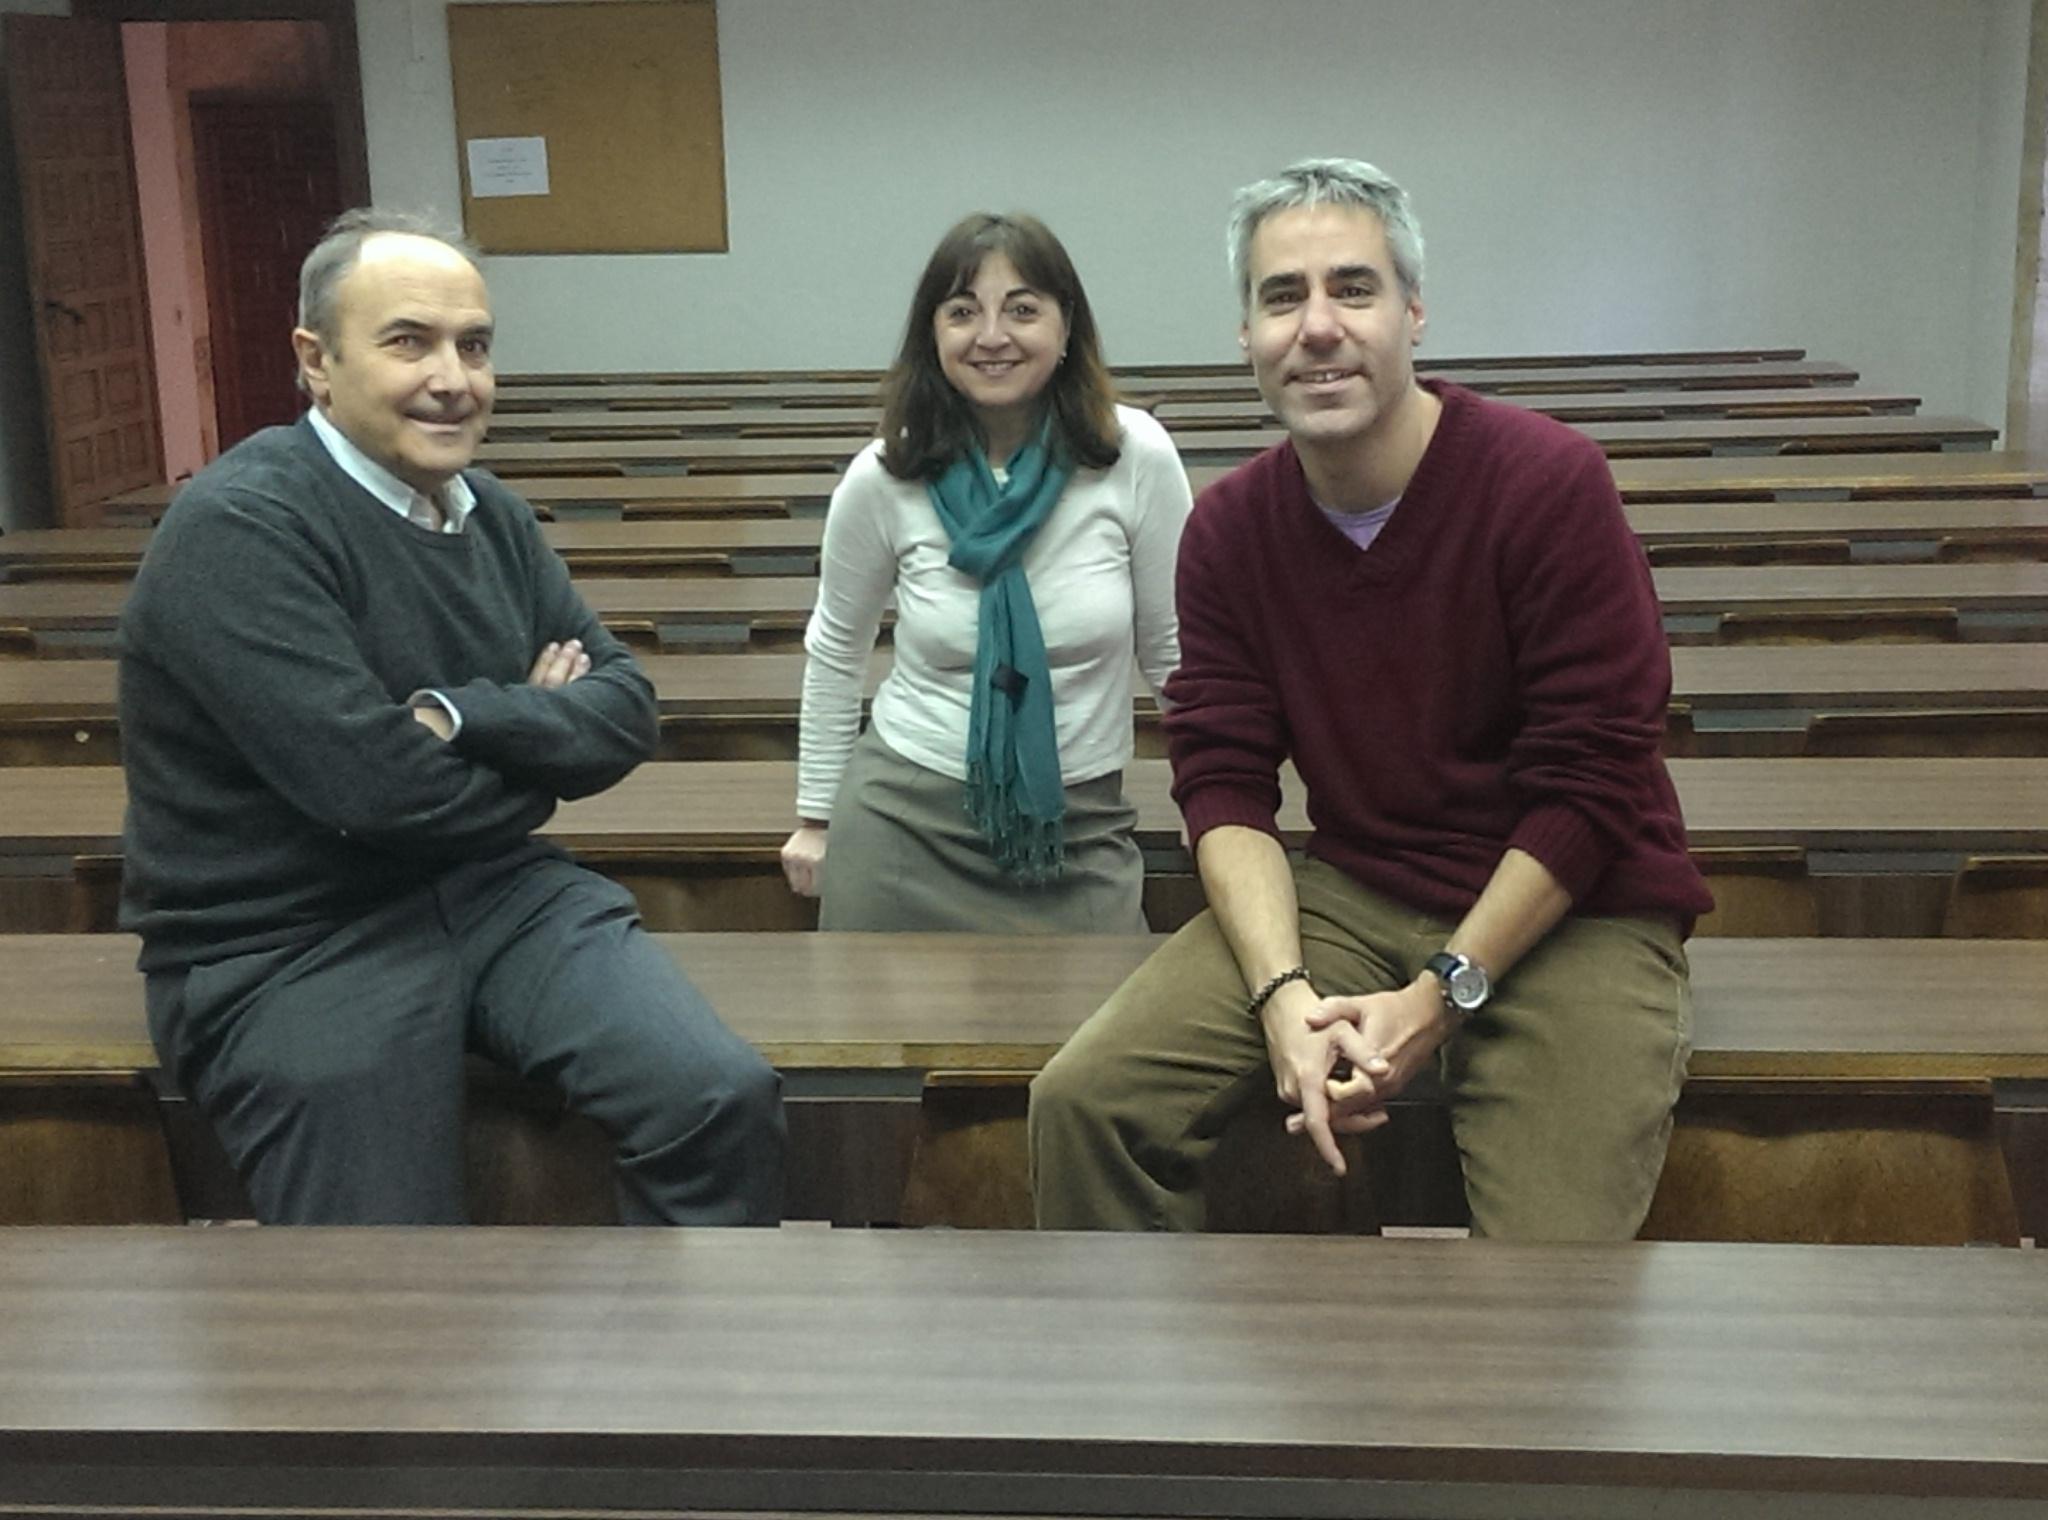 El proyecto SOS-VICS, en el que colabora la Universidad de Salamanca, galardonado con el Premio Violeta 2014 al Compromiso Internacional